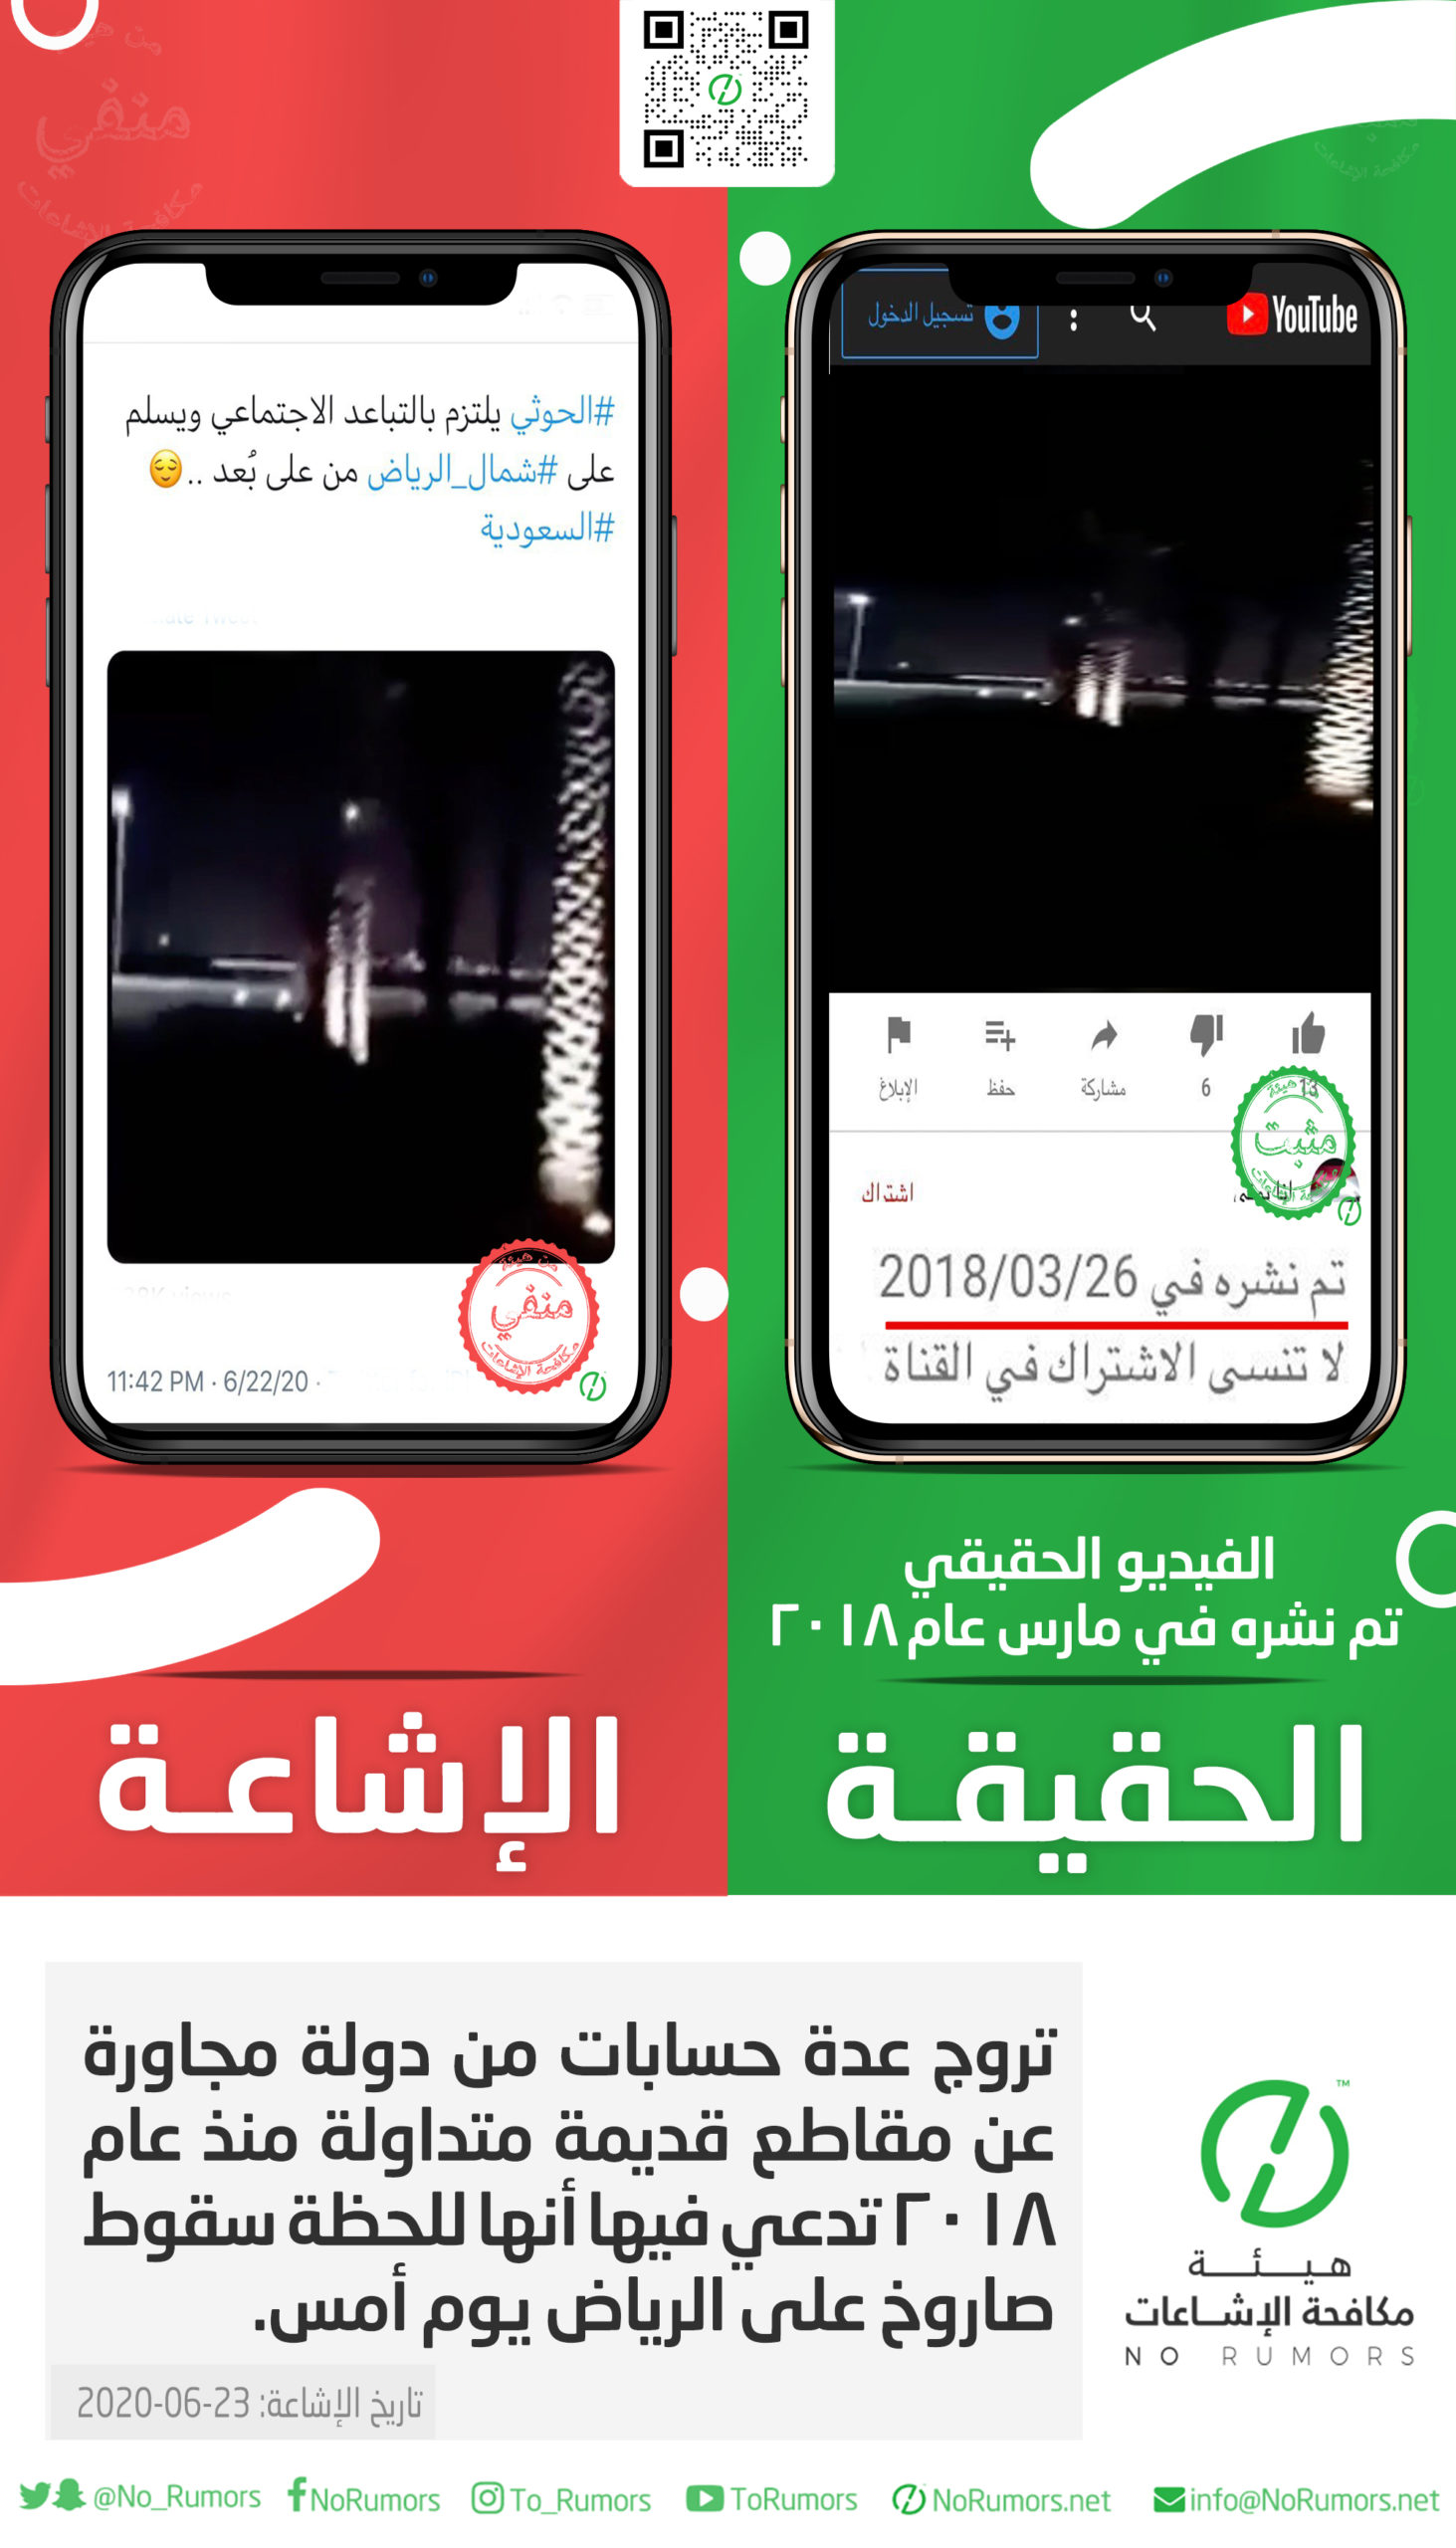 ماهي حقيقة المقاطع المتداولة لحظة سقوط صاروخ على الرياض يوم أمس.